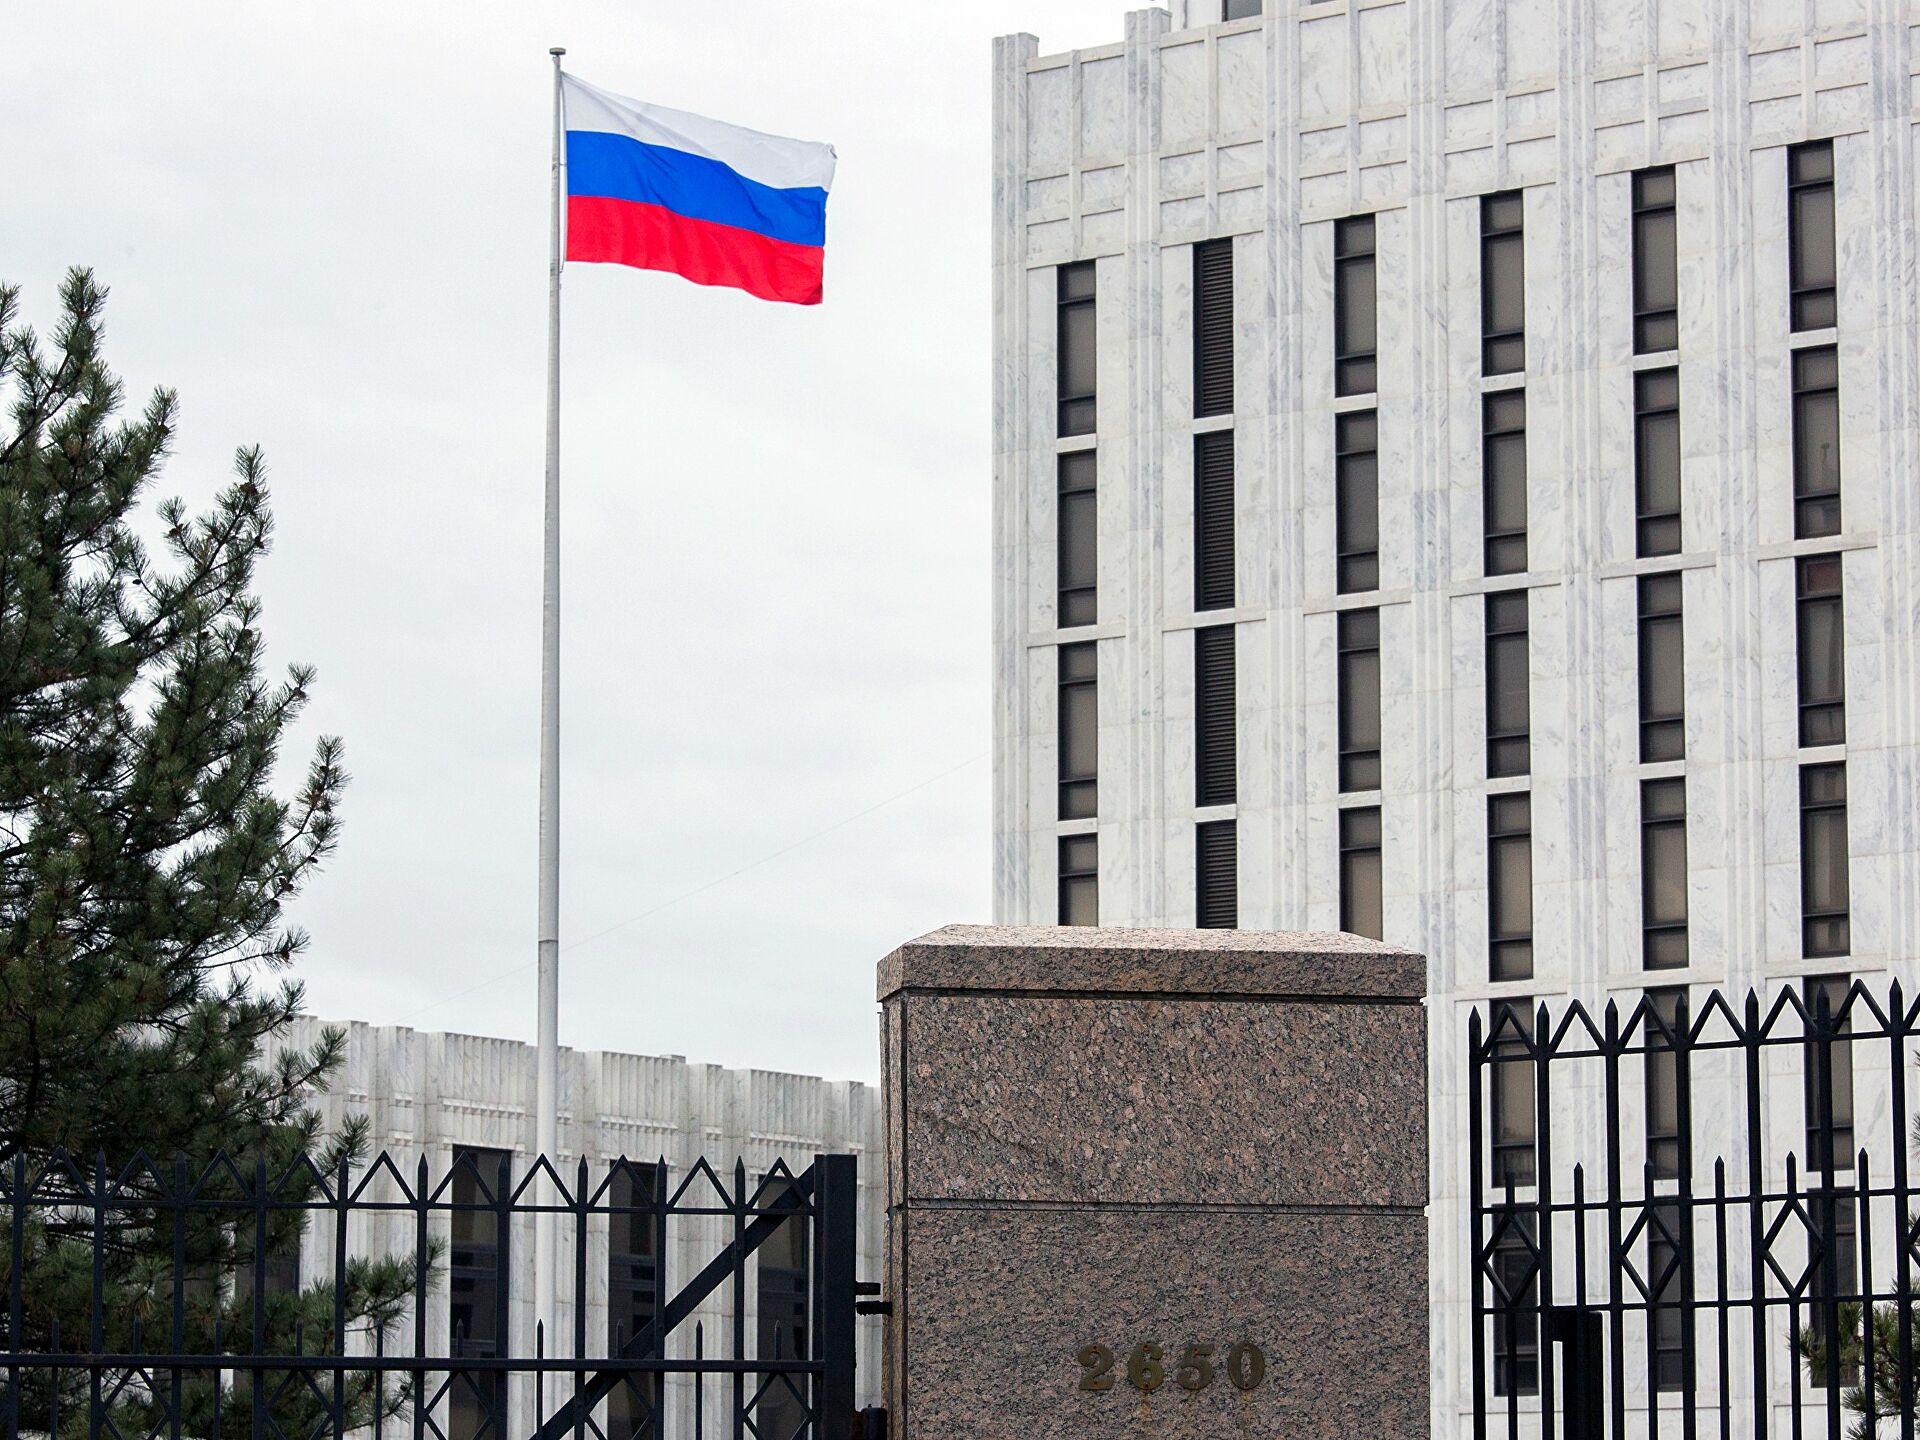 Москва: САД да се уздрже се од политике пупмпања Приштине војном опремом и оружјем